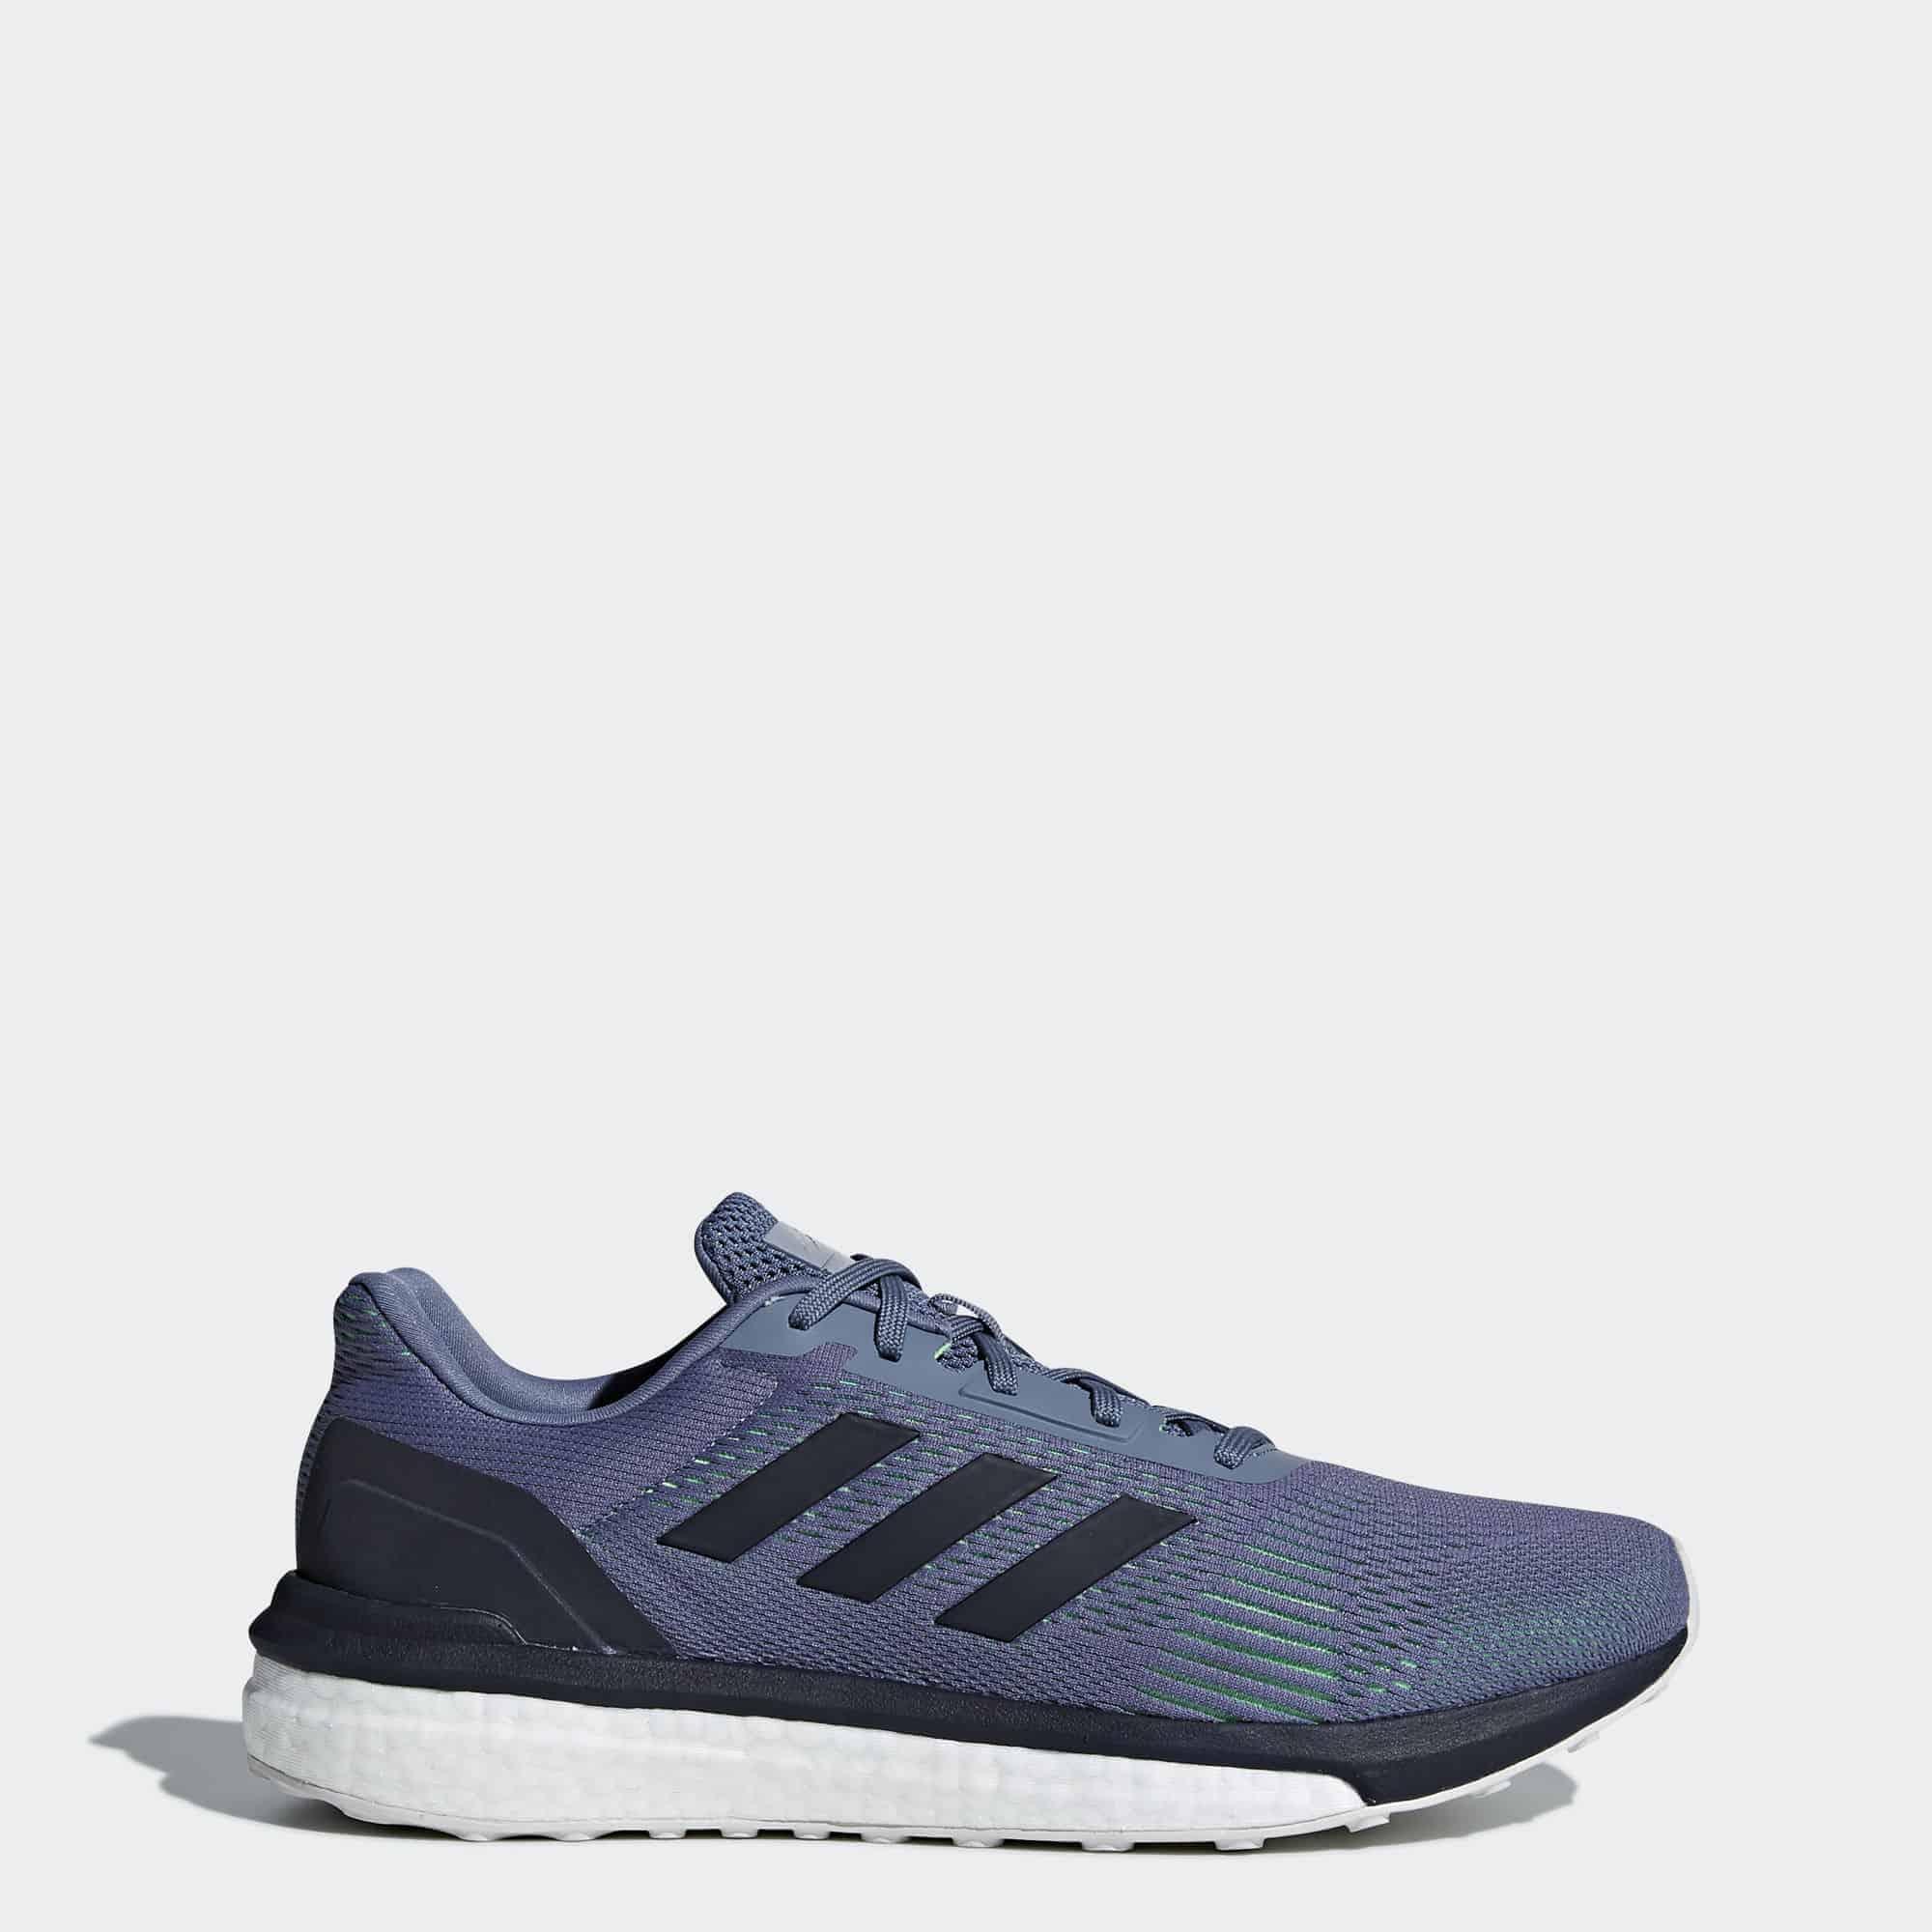 Кроссовки для бега Adidas Solar Drive ST мужские